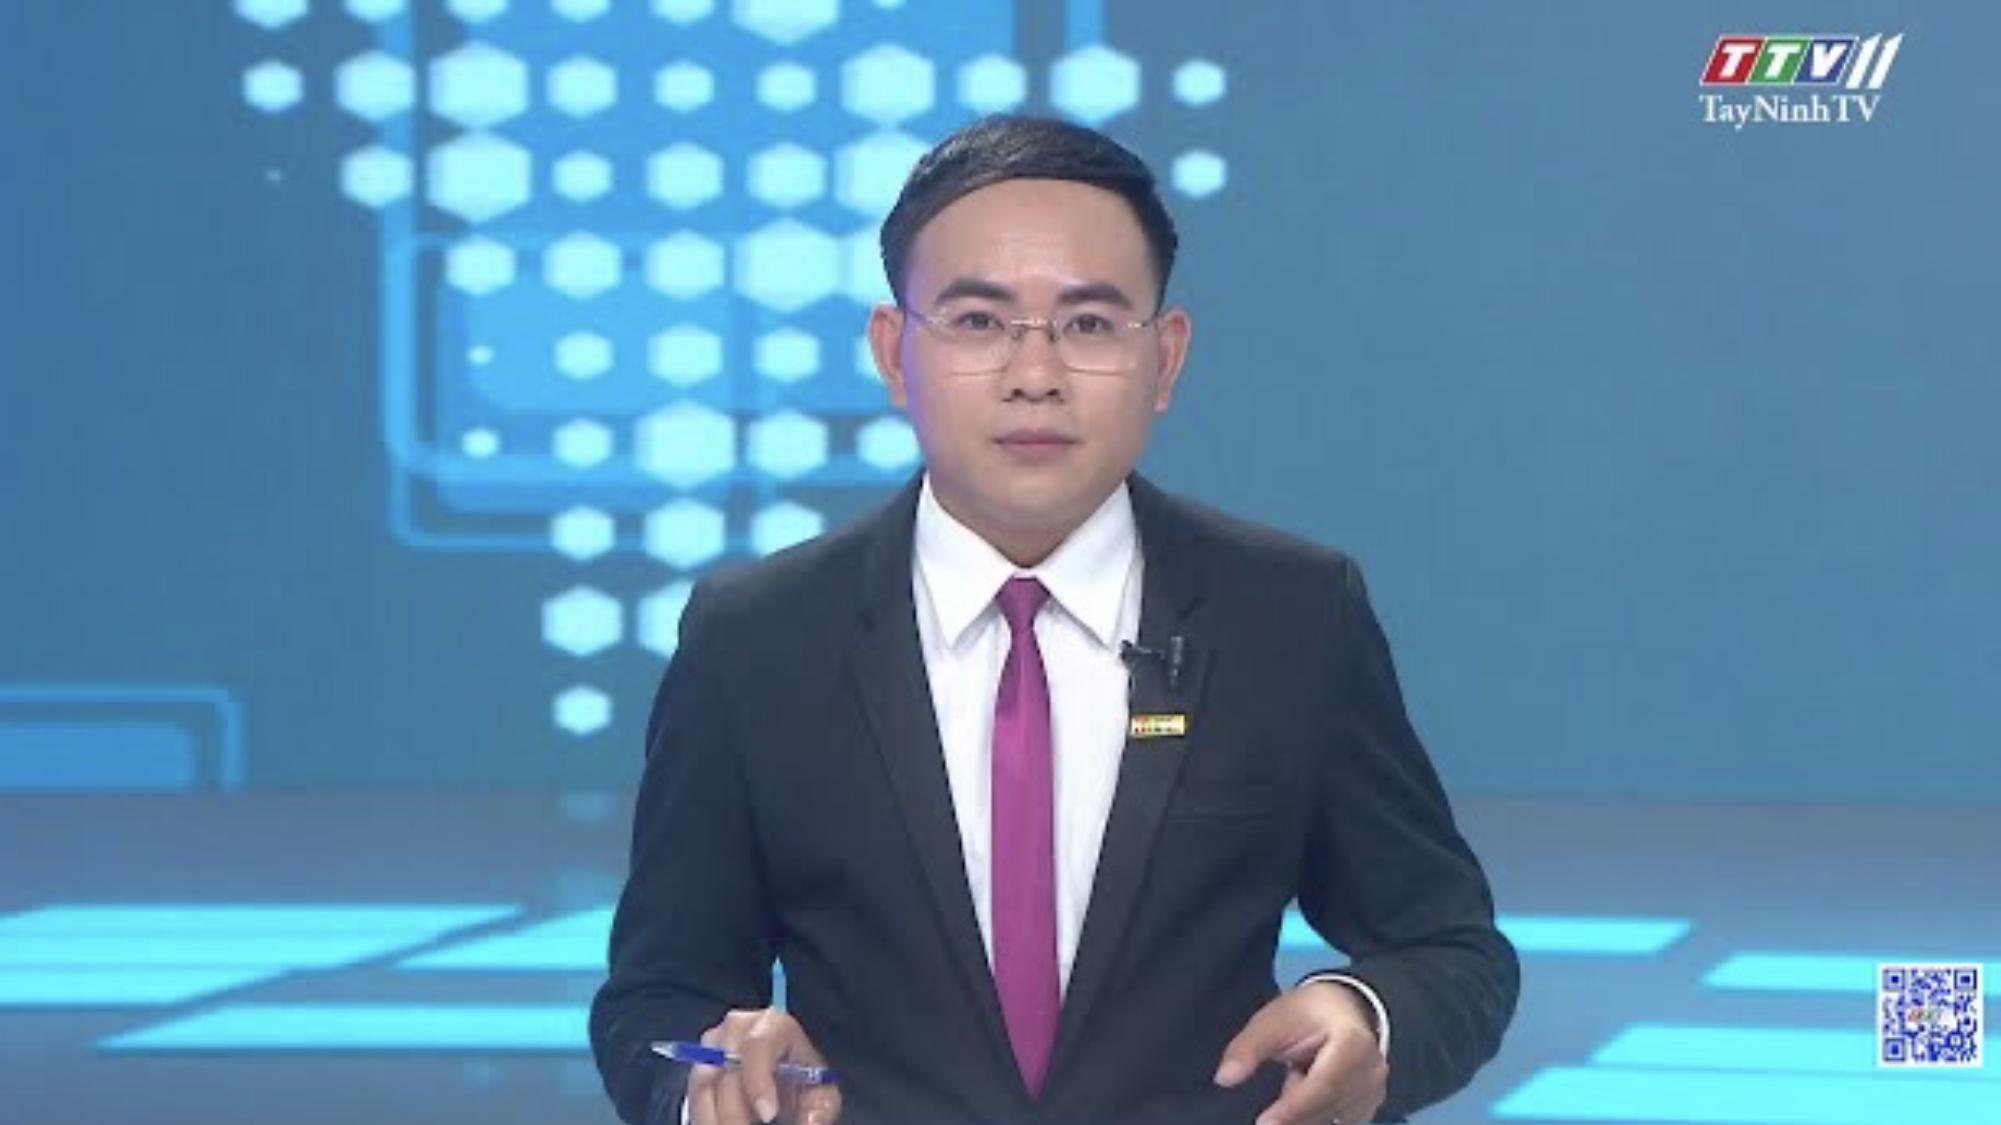 Tây Ninh ghi nhận thêm 4 trường hợp người nhập cảnh mắc Covid-19 | TâyNinhTV